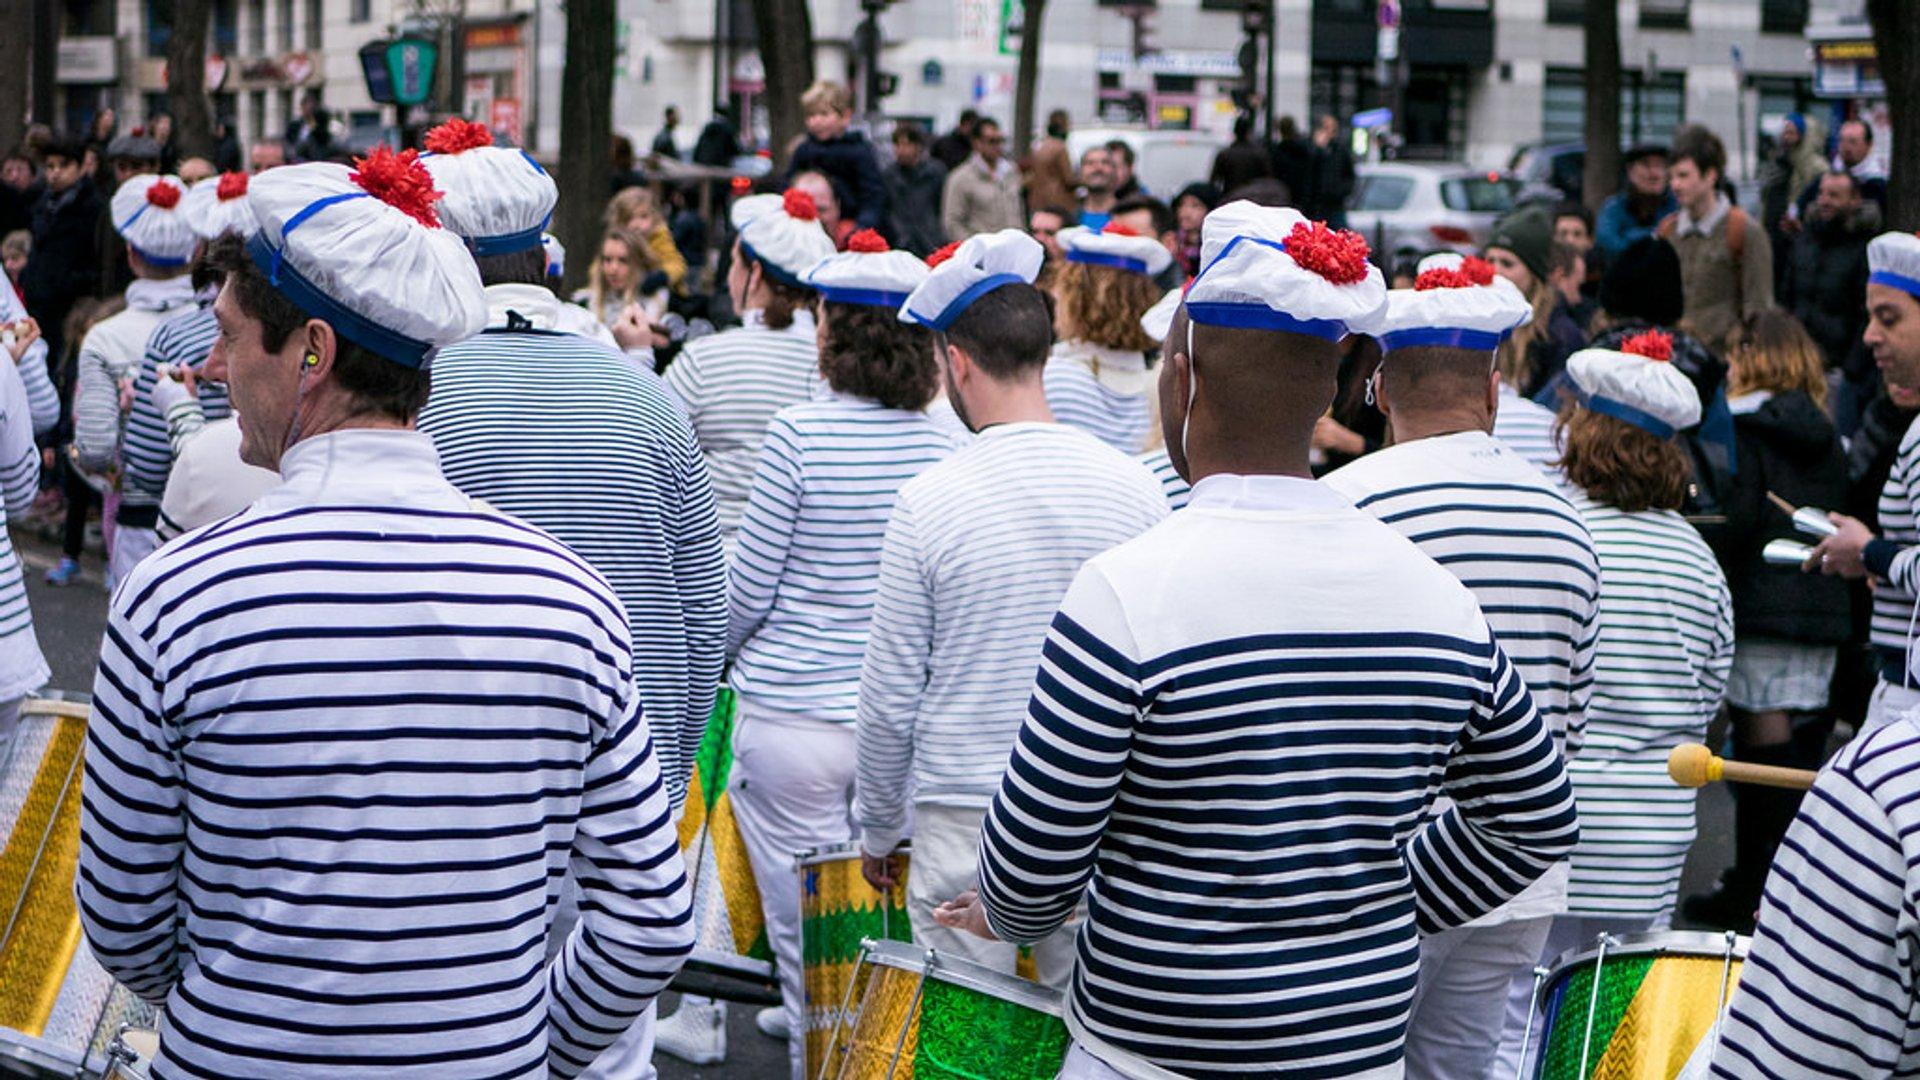 Carnaval de Paris & Carnaval des Femmes in Paris - Best Season 2020